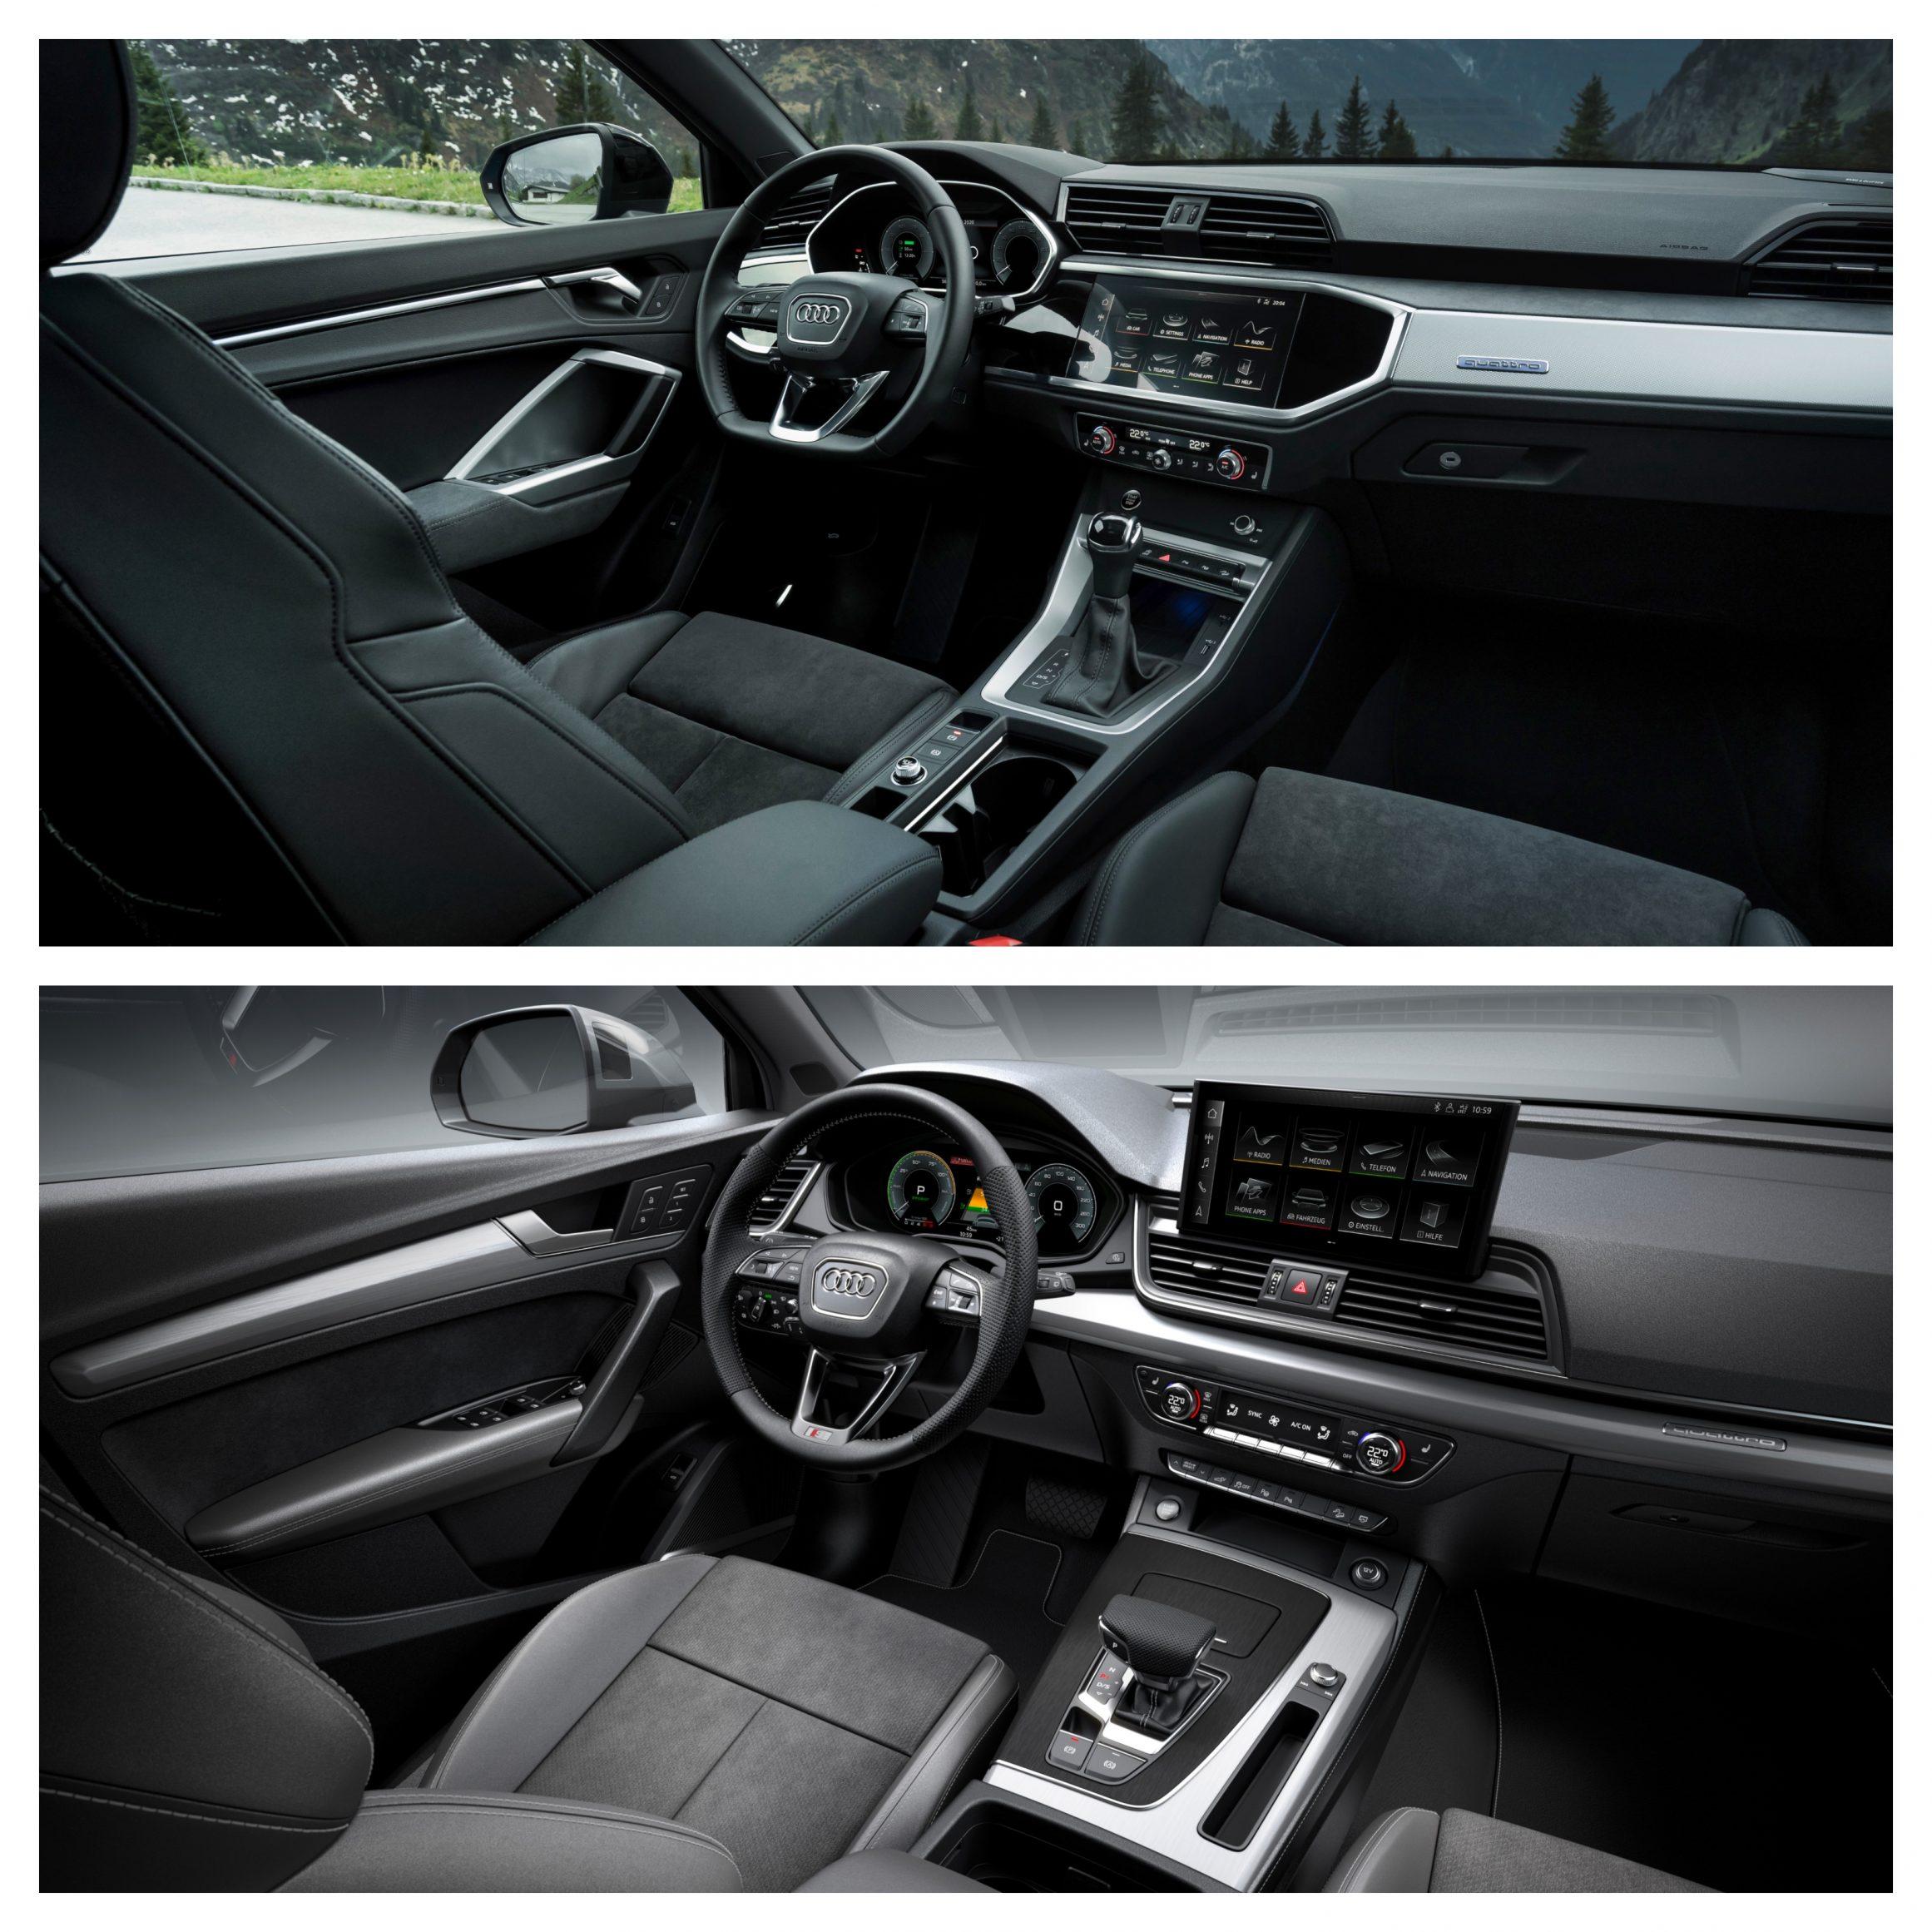 Audii Q3 Vs Q5 - interior comfort and design